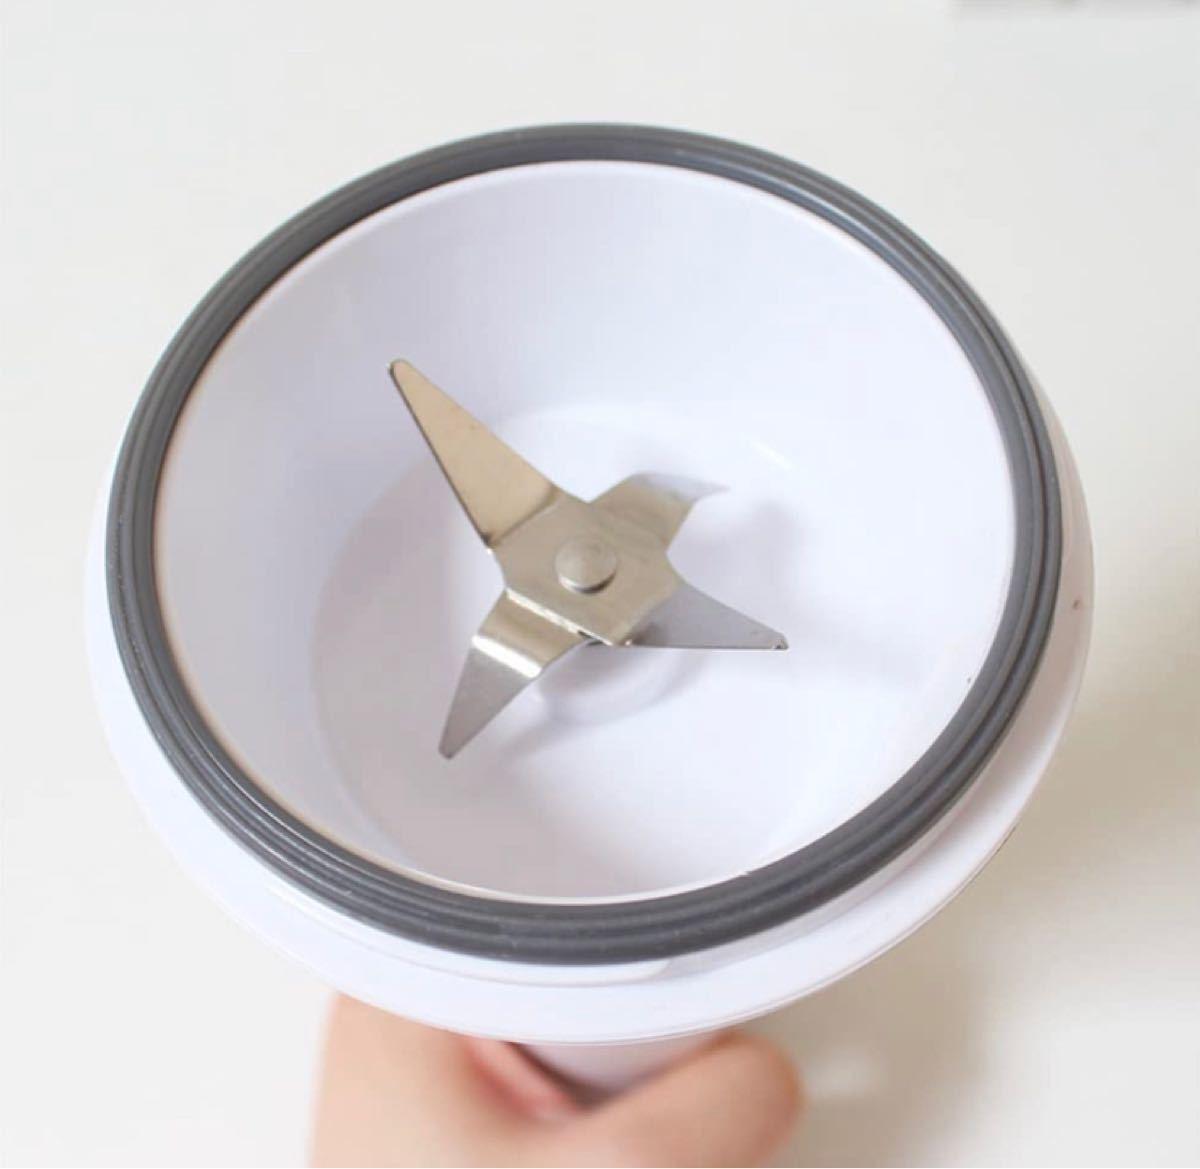 ジューサー USB充電式 ポータブル スムージー ブレンダー ジューサー 保護機能付き ブレンド ジュース ドリンク